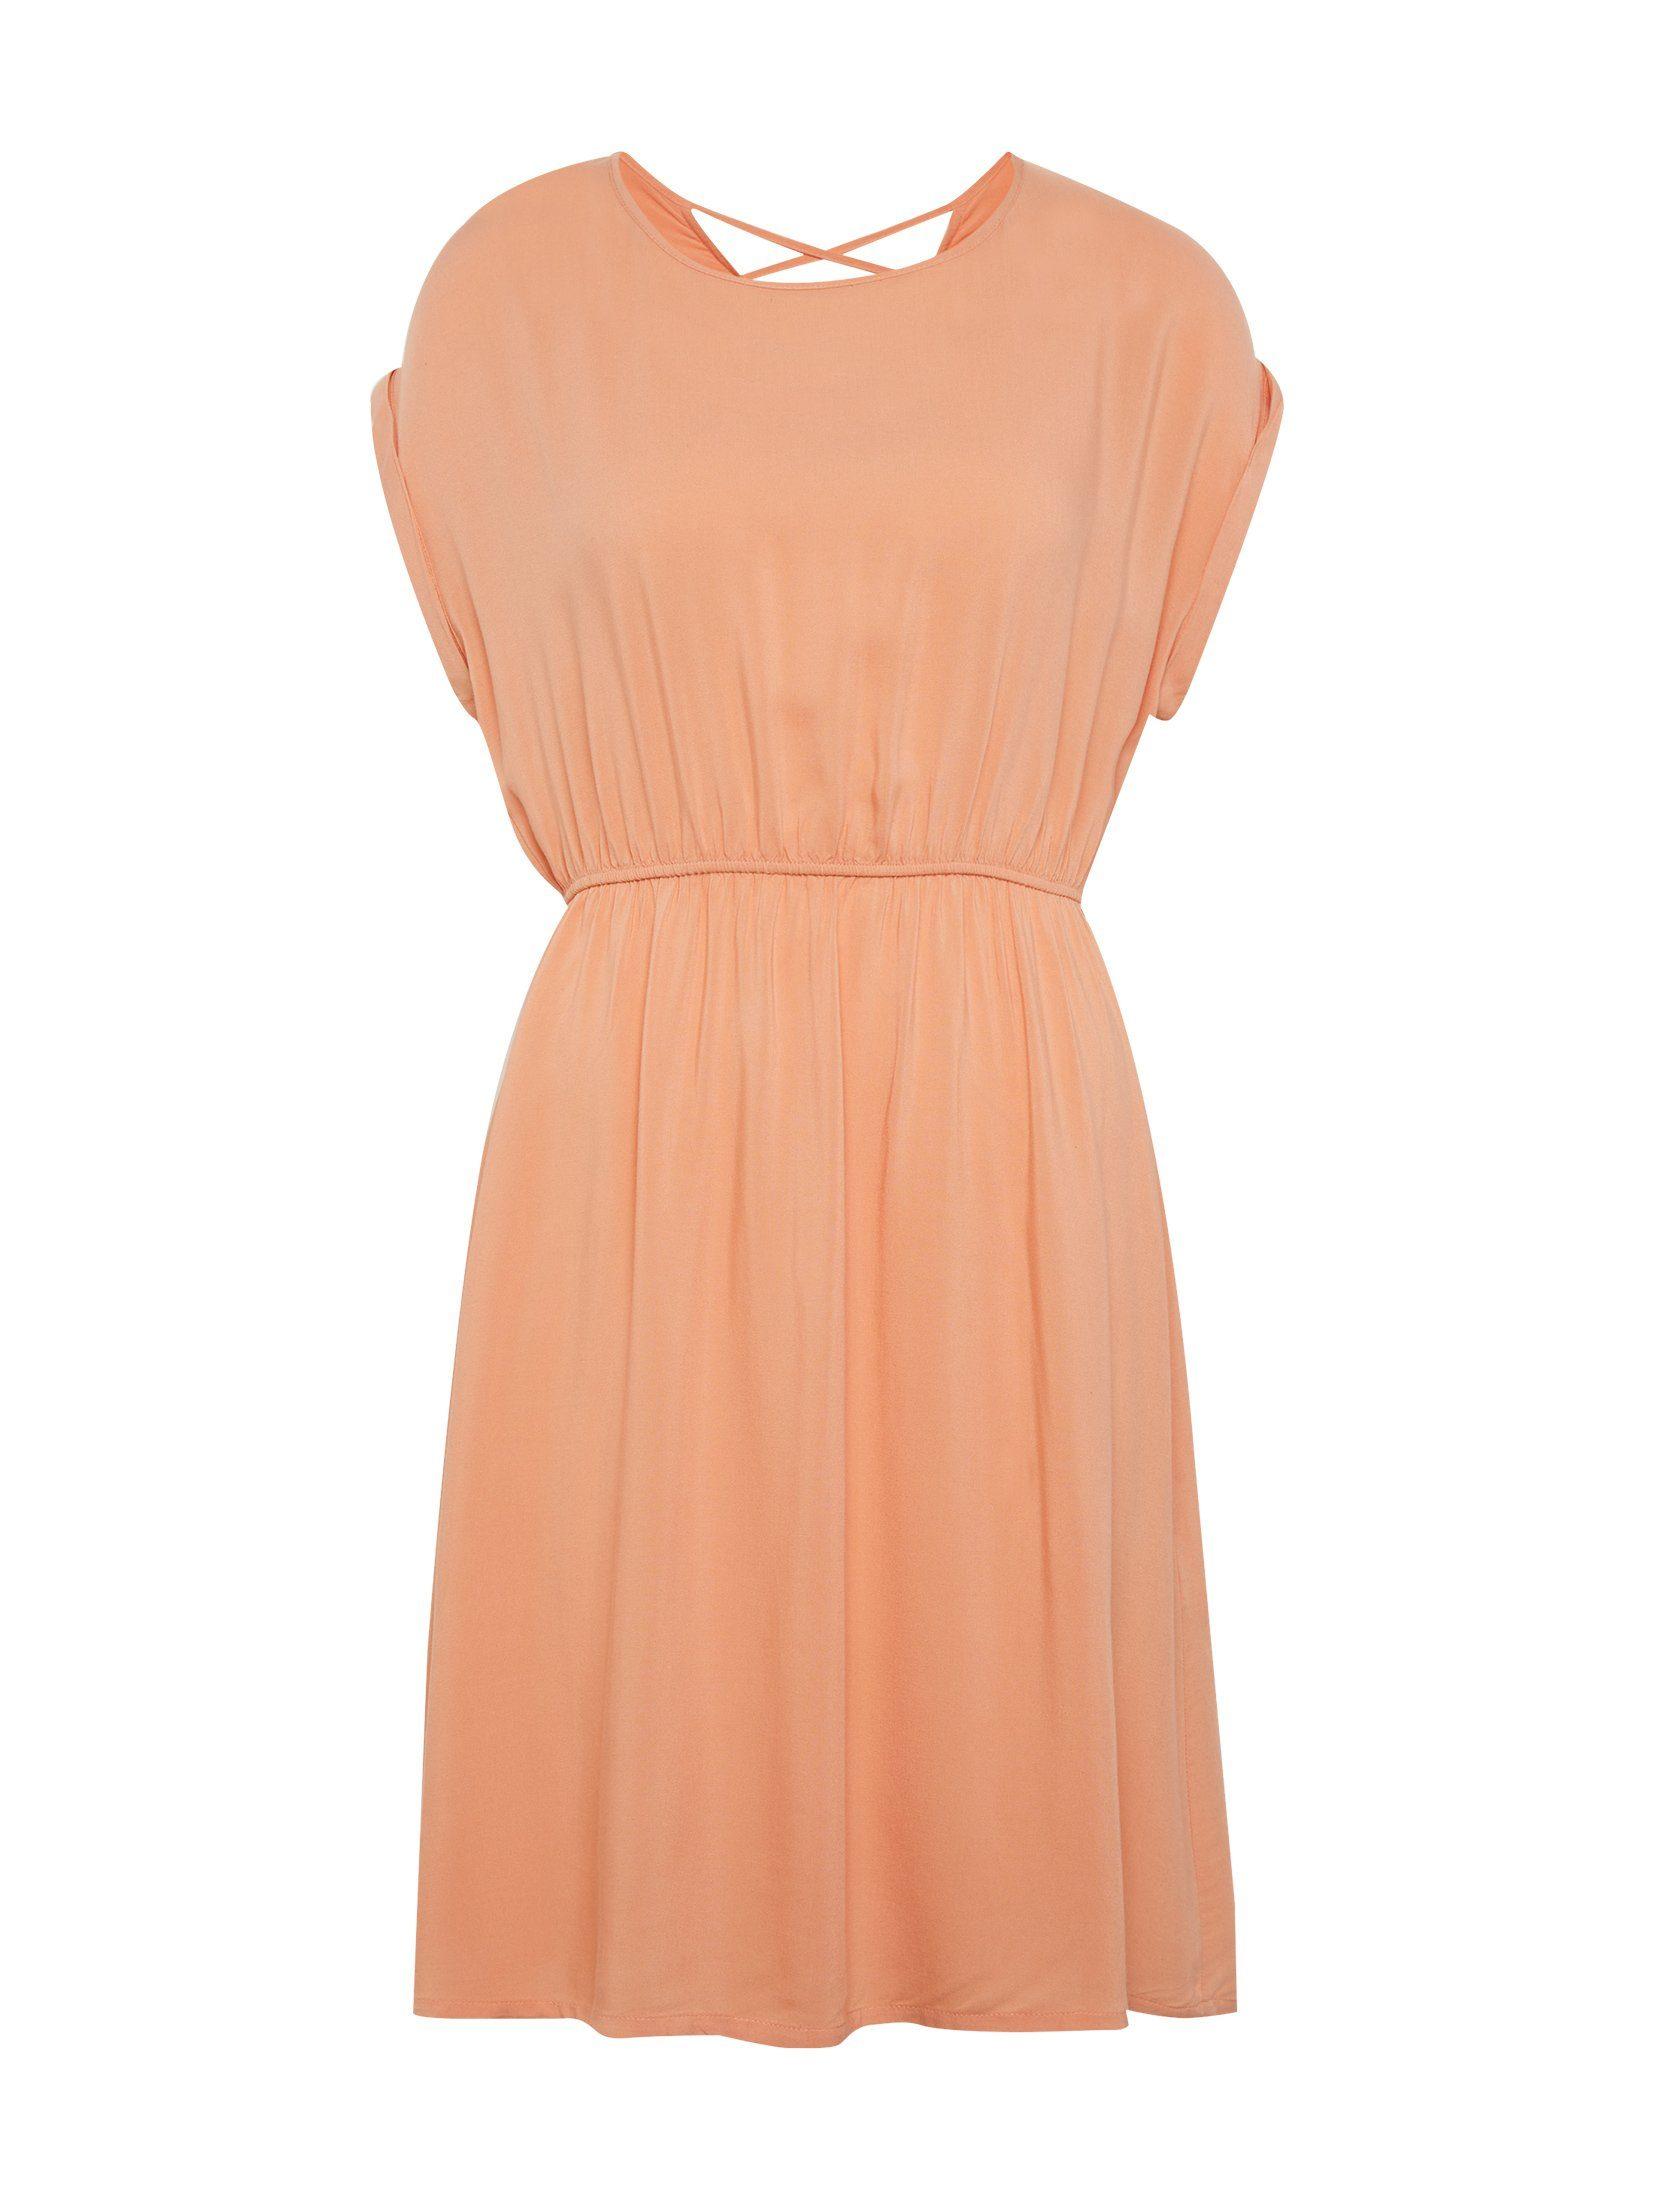 Kleid« Tom Blusenkleid »schlichtes Tailor Denim UVqpSzMG